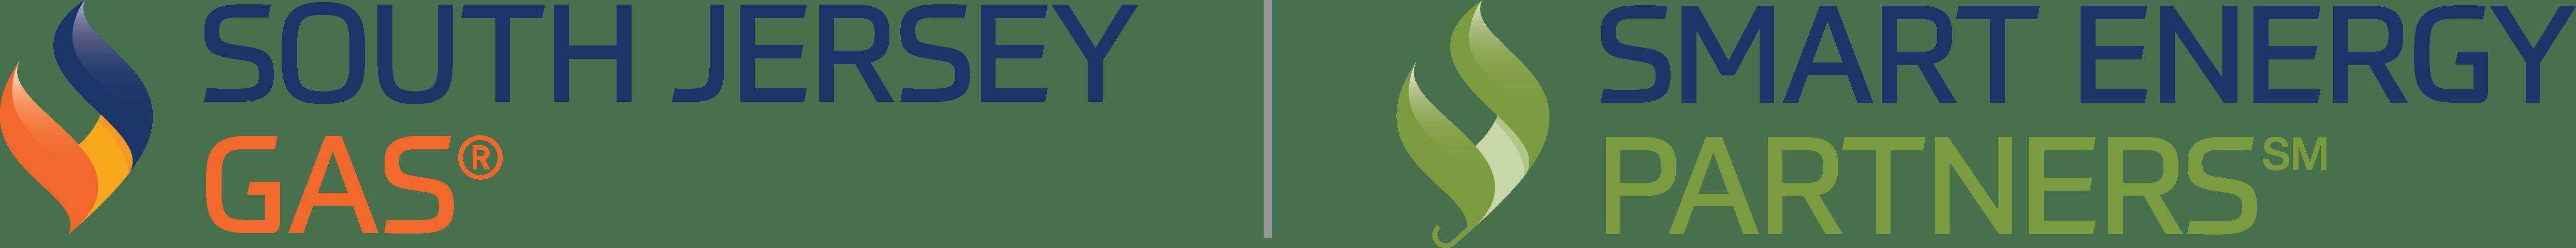 SJG-SmartEnergyPartners_Logos-Horz-Color-WEB